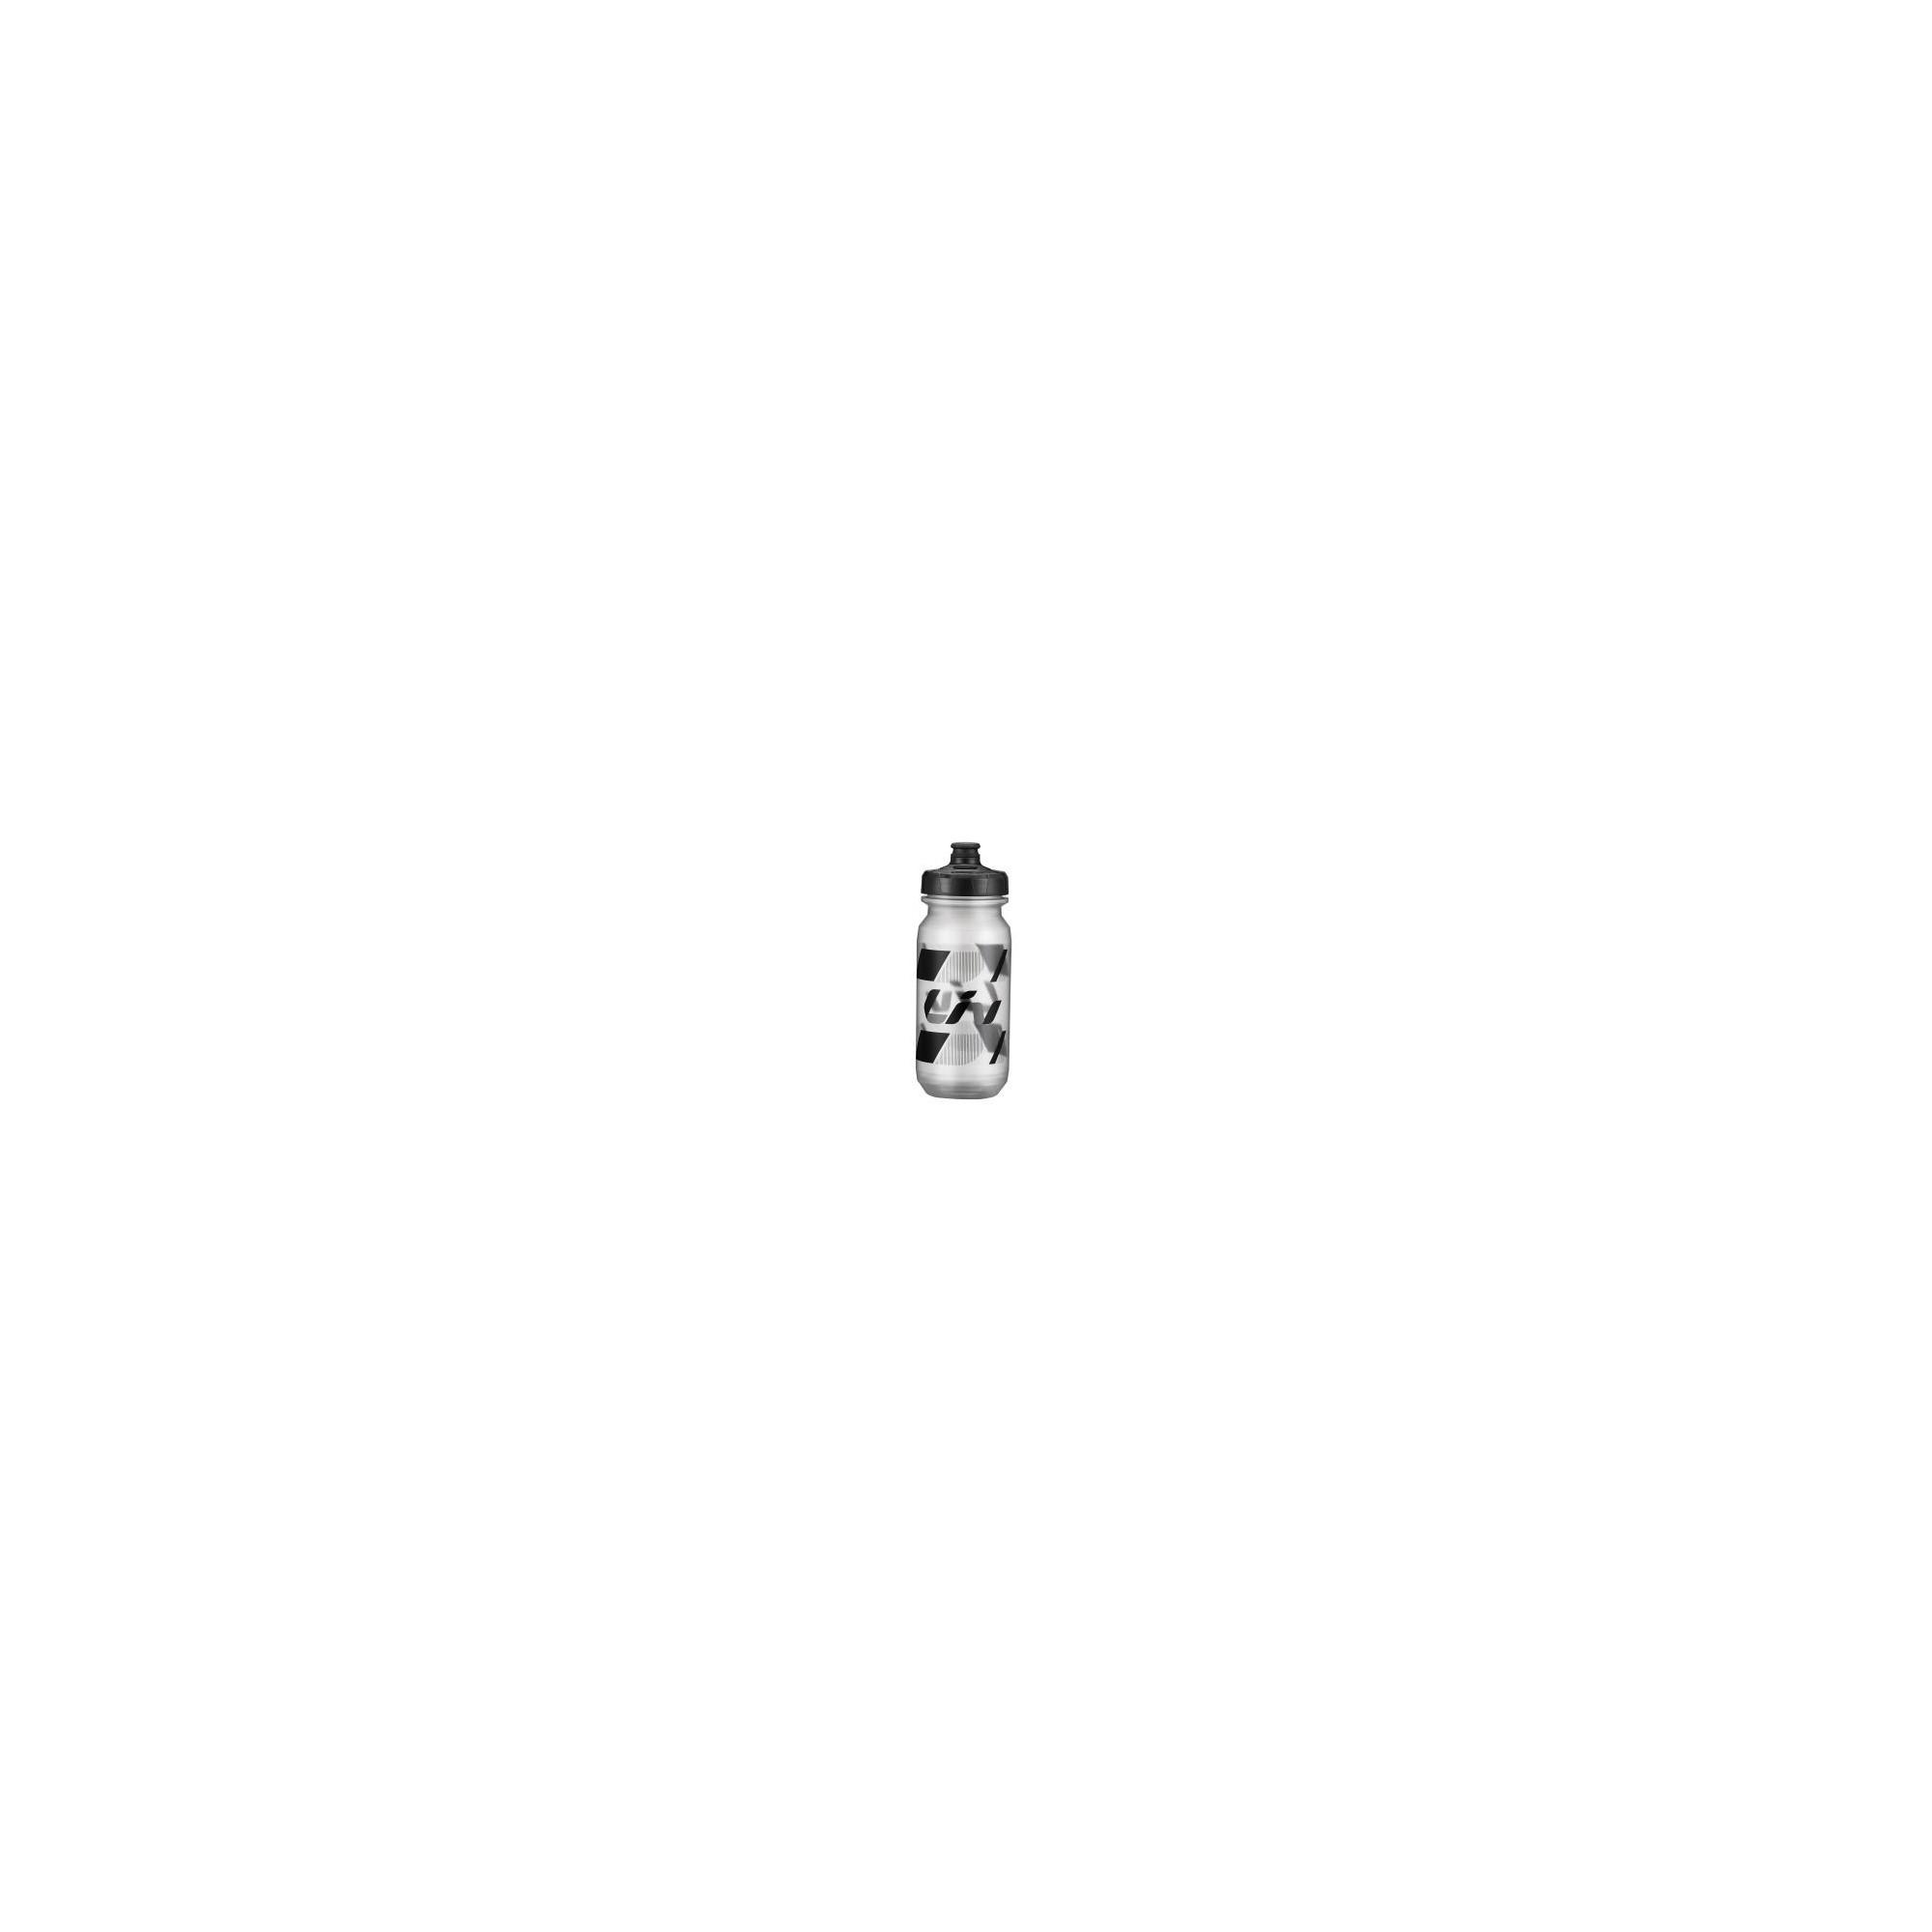 Bidon Doublespring Liv transparent noir 600ml